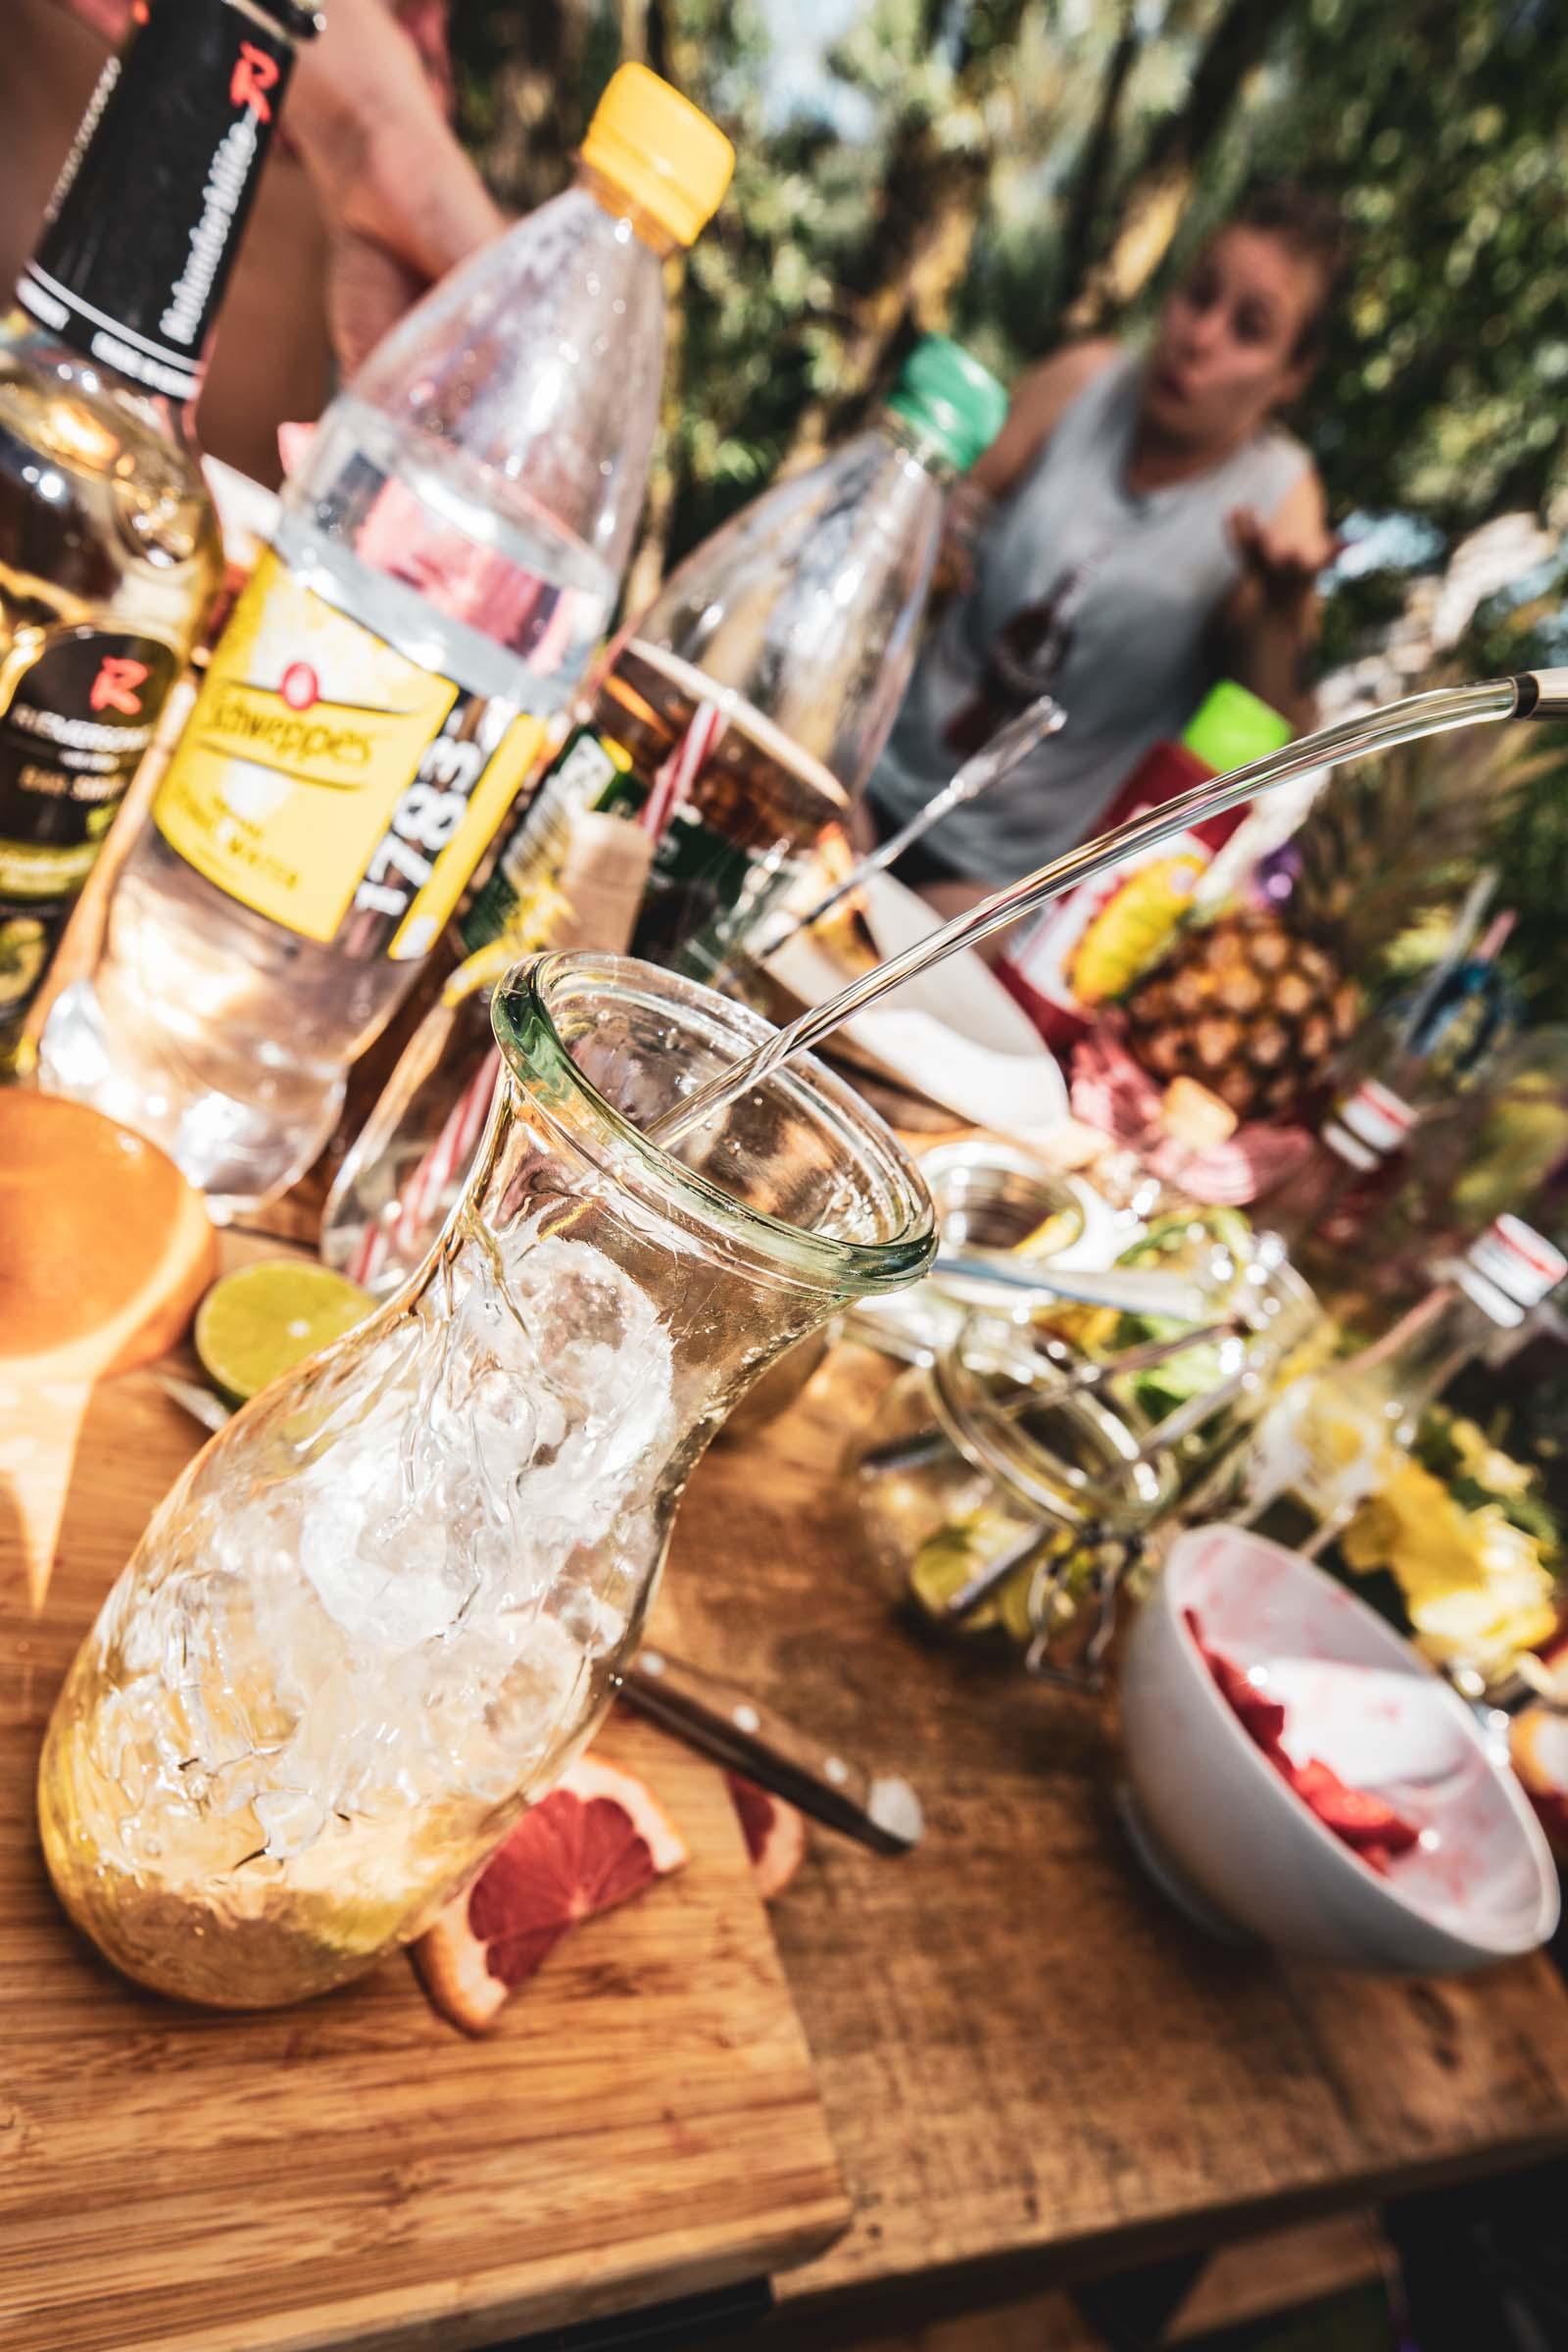 Barformat | Mobile | Bar | Cocktailservice | Hannover | Getränke | Catering | Cocktails | Wein | Aperitif | Caipirinha | Bowle | Limonade | Hochzeit | Messe | Firmenfeier | Buchen | Mieten | Anfragen